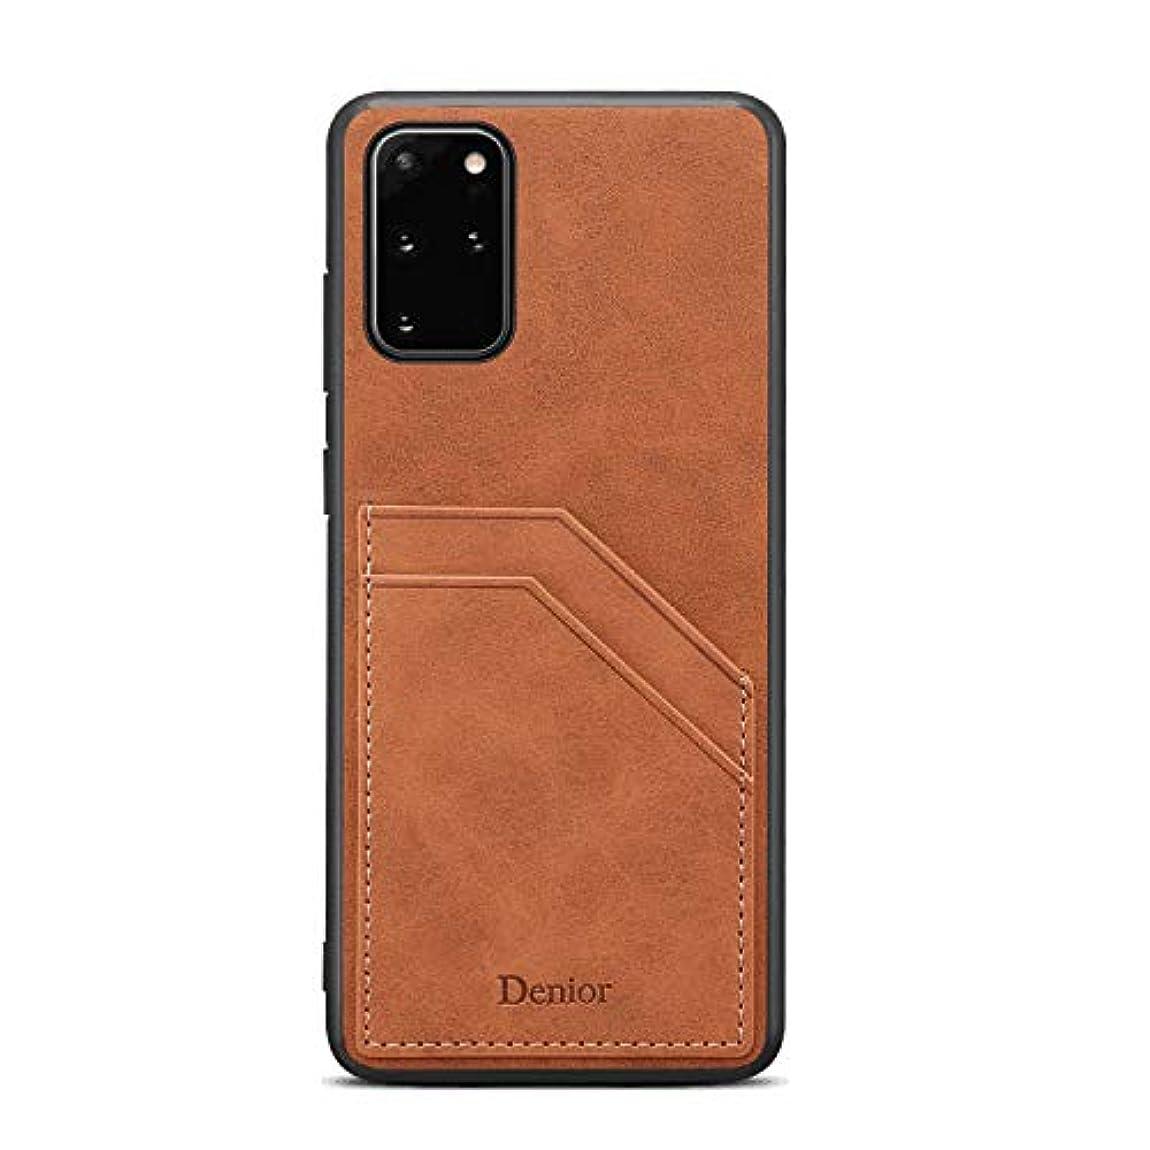 水没マイナス淡いPUレザー ケース 手帳型ケース 対応 サムスン ギャラクシー Samsung Galaxy ノート Note 10 plus プラス 本革 カバー収納 手帳型 財布